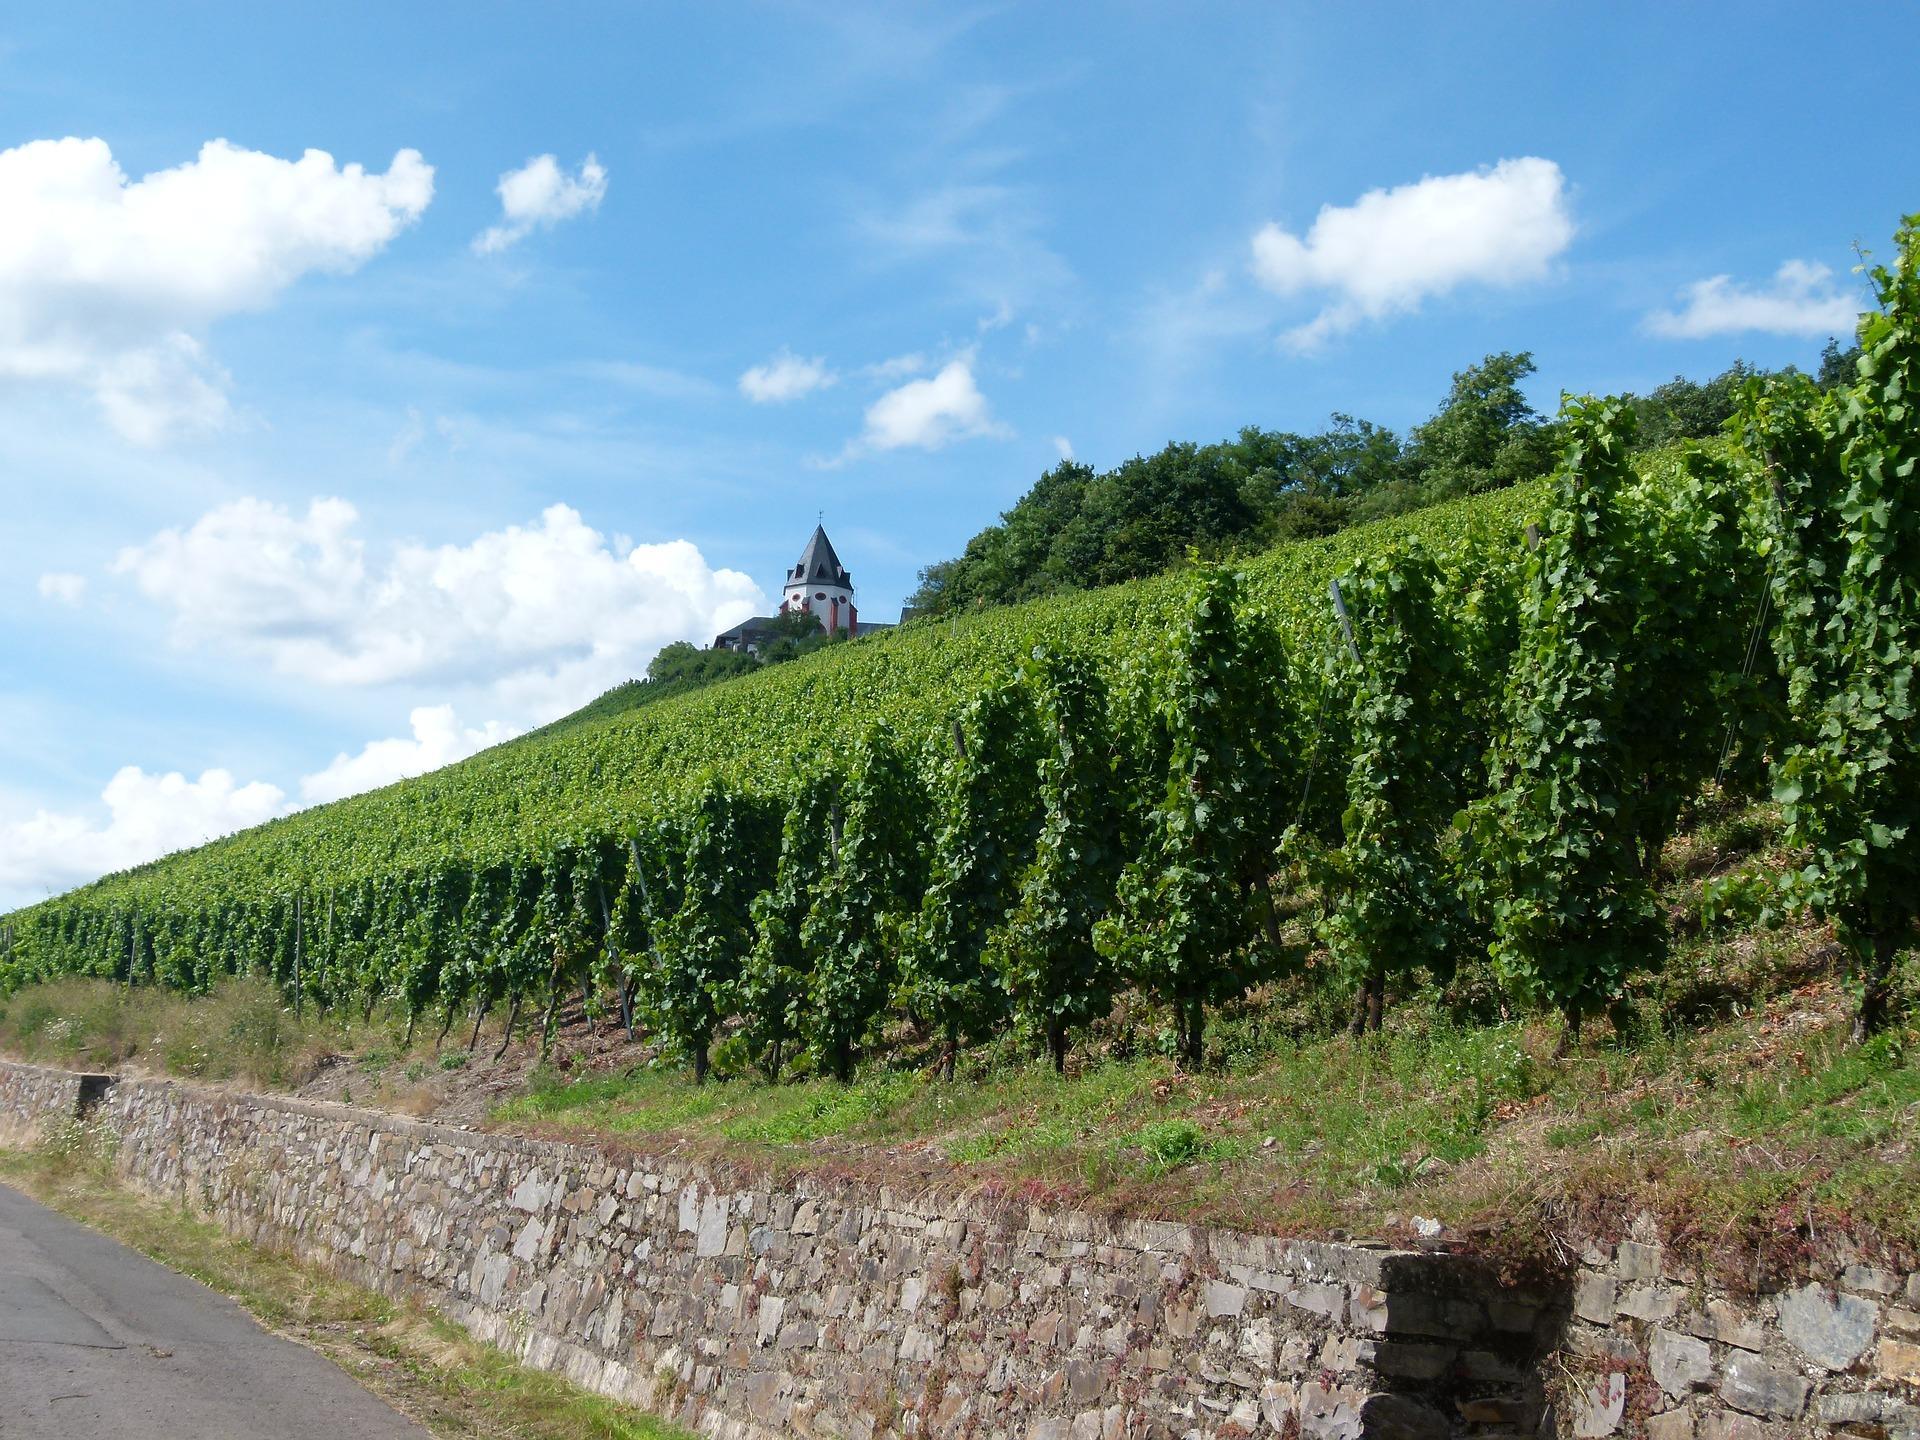 Werbeabgaben für die Weinwirtschaft